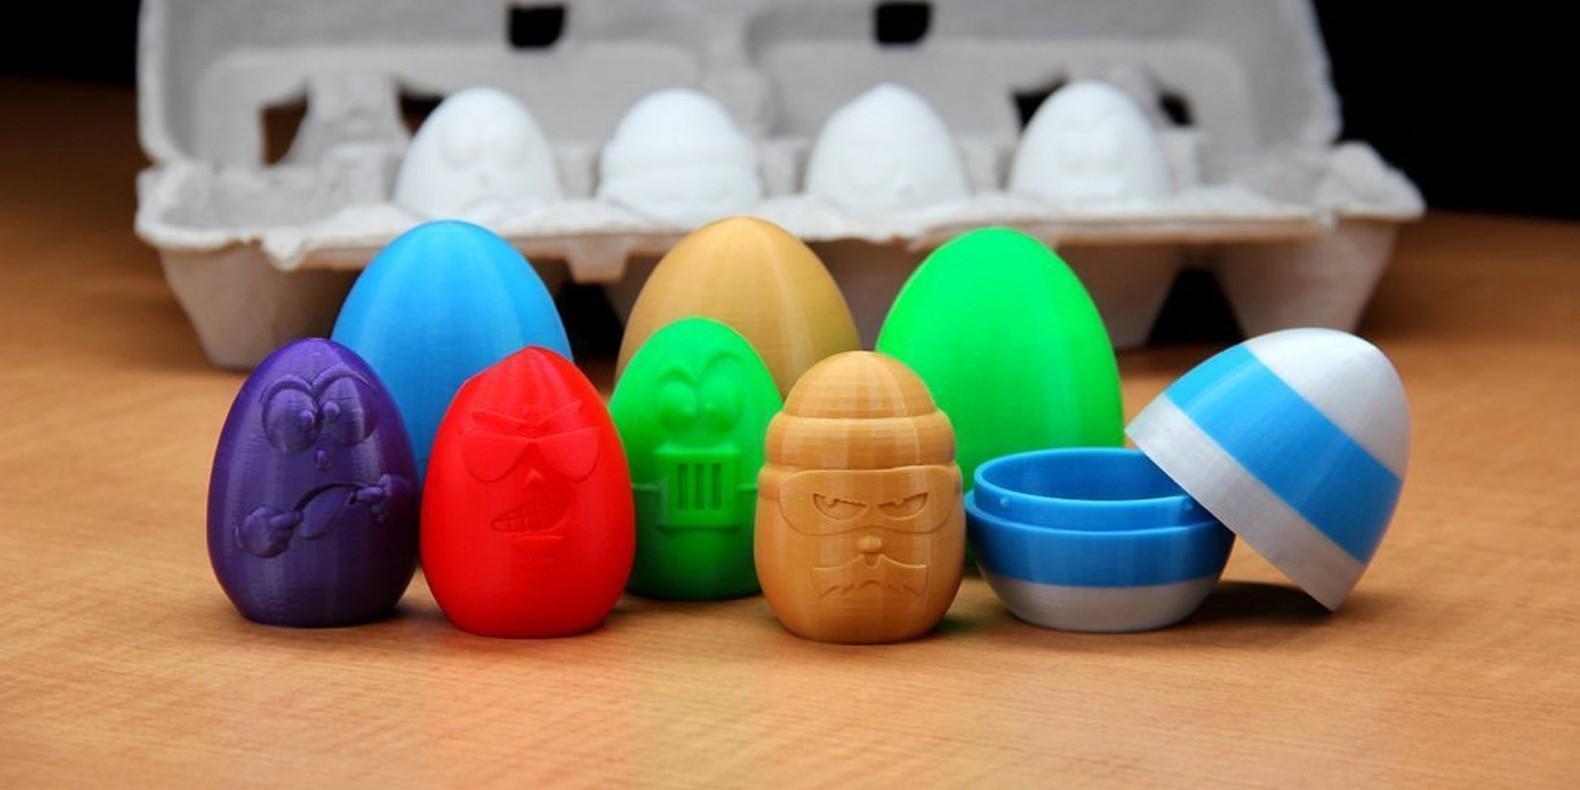 Téléchargez les fichiers STL pour fêter Pâques sous le signe de l'impression 3D